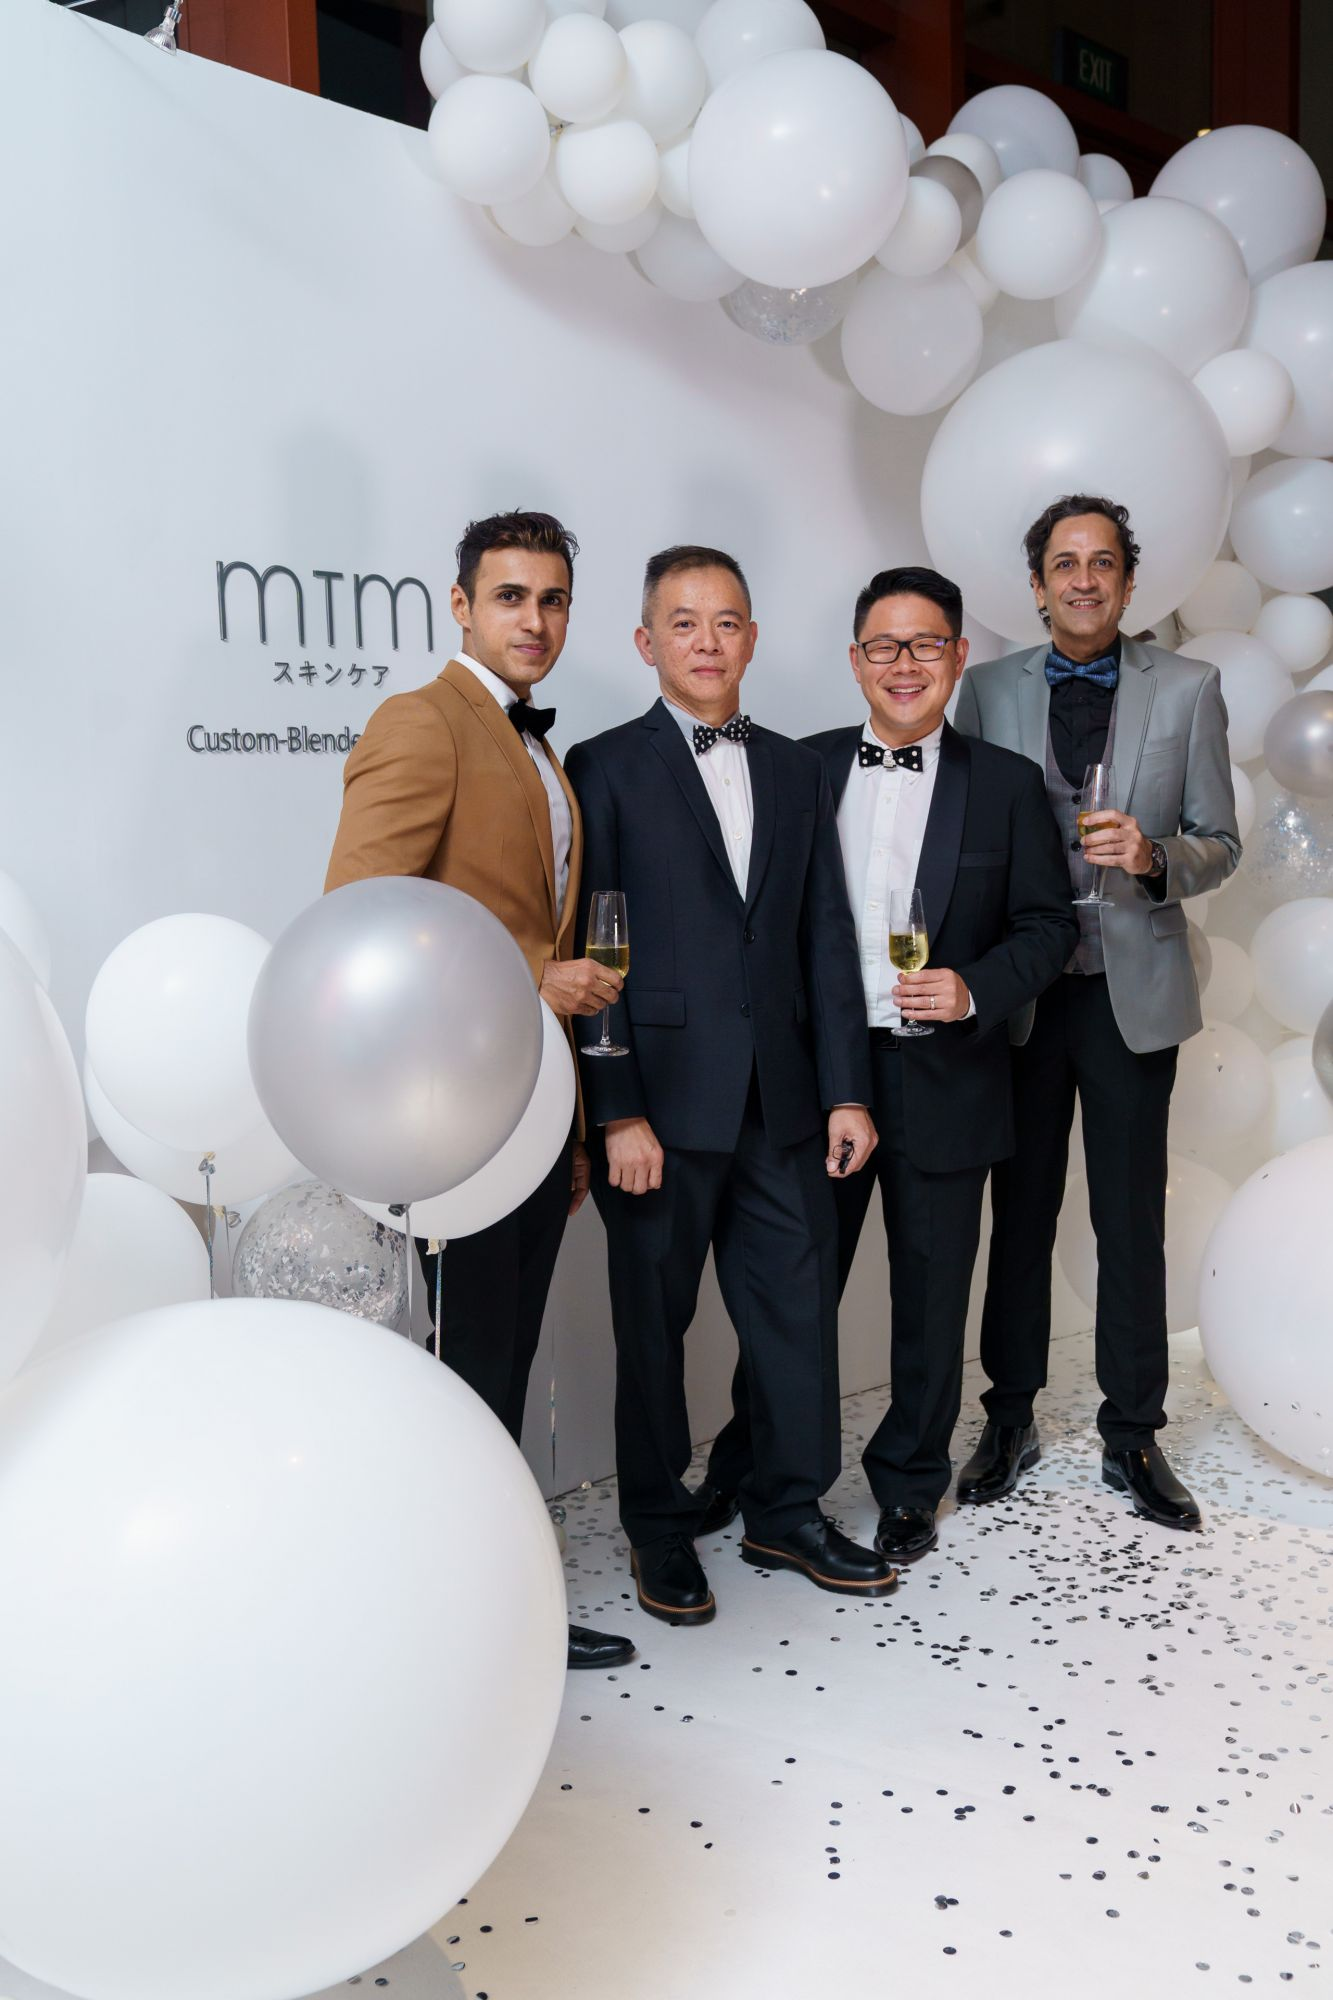 Navin Singh, Vincent Lim, Jian Yang, Haresh Sharma